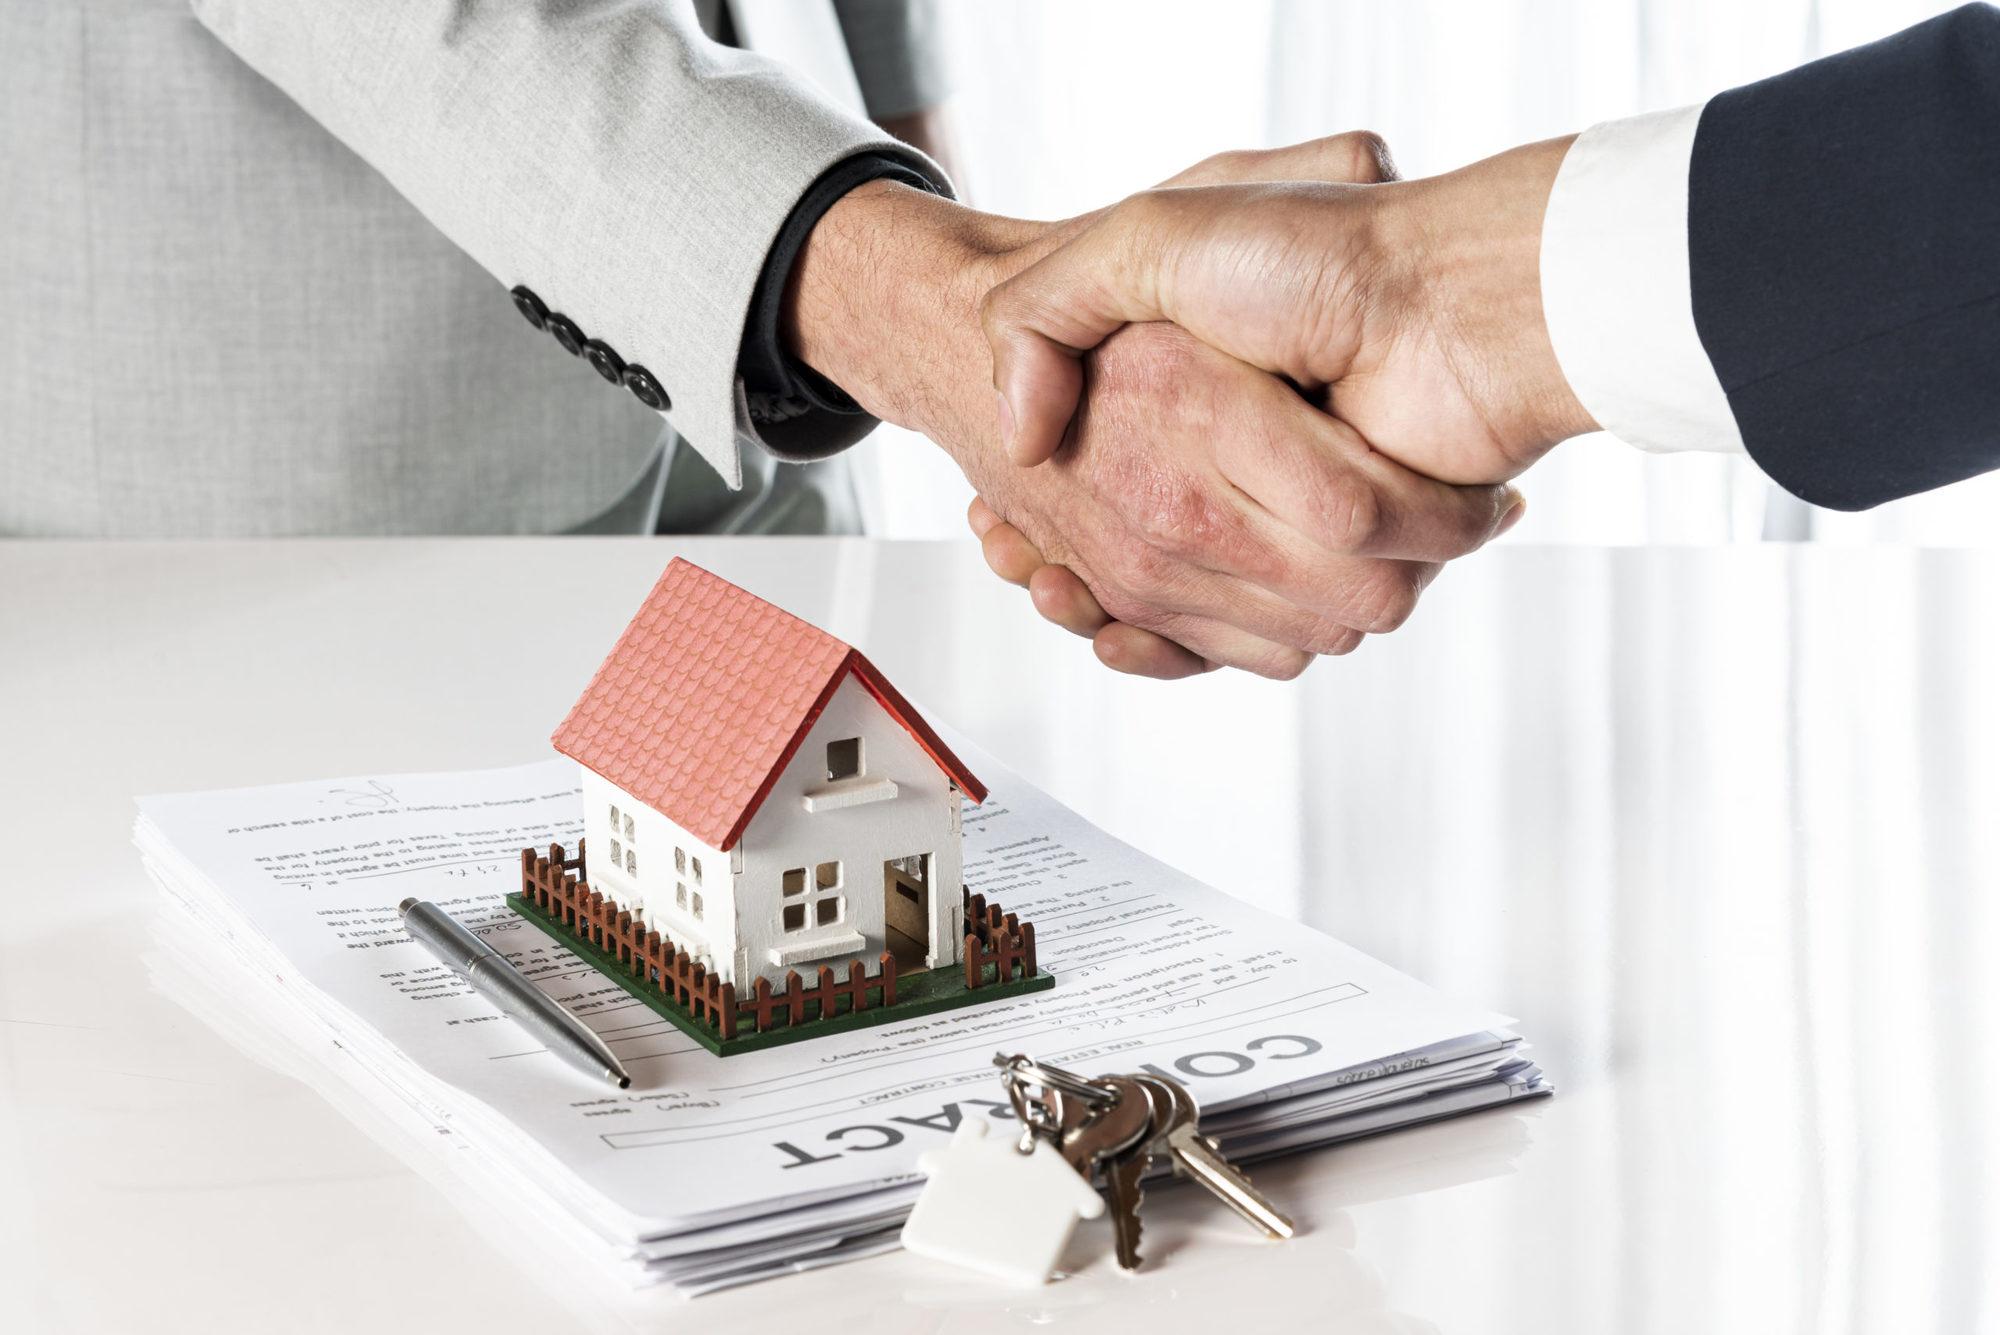 إجراءات شراء منزل عن طريق البنك